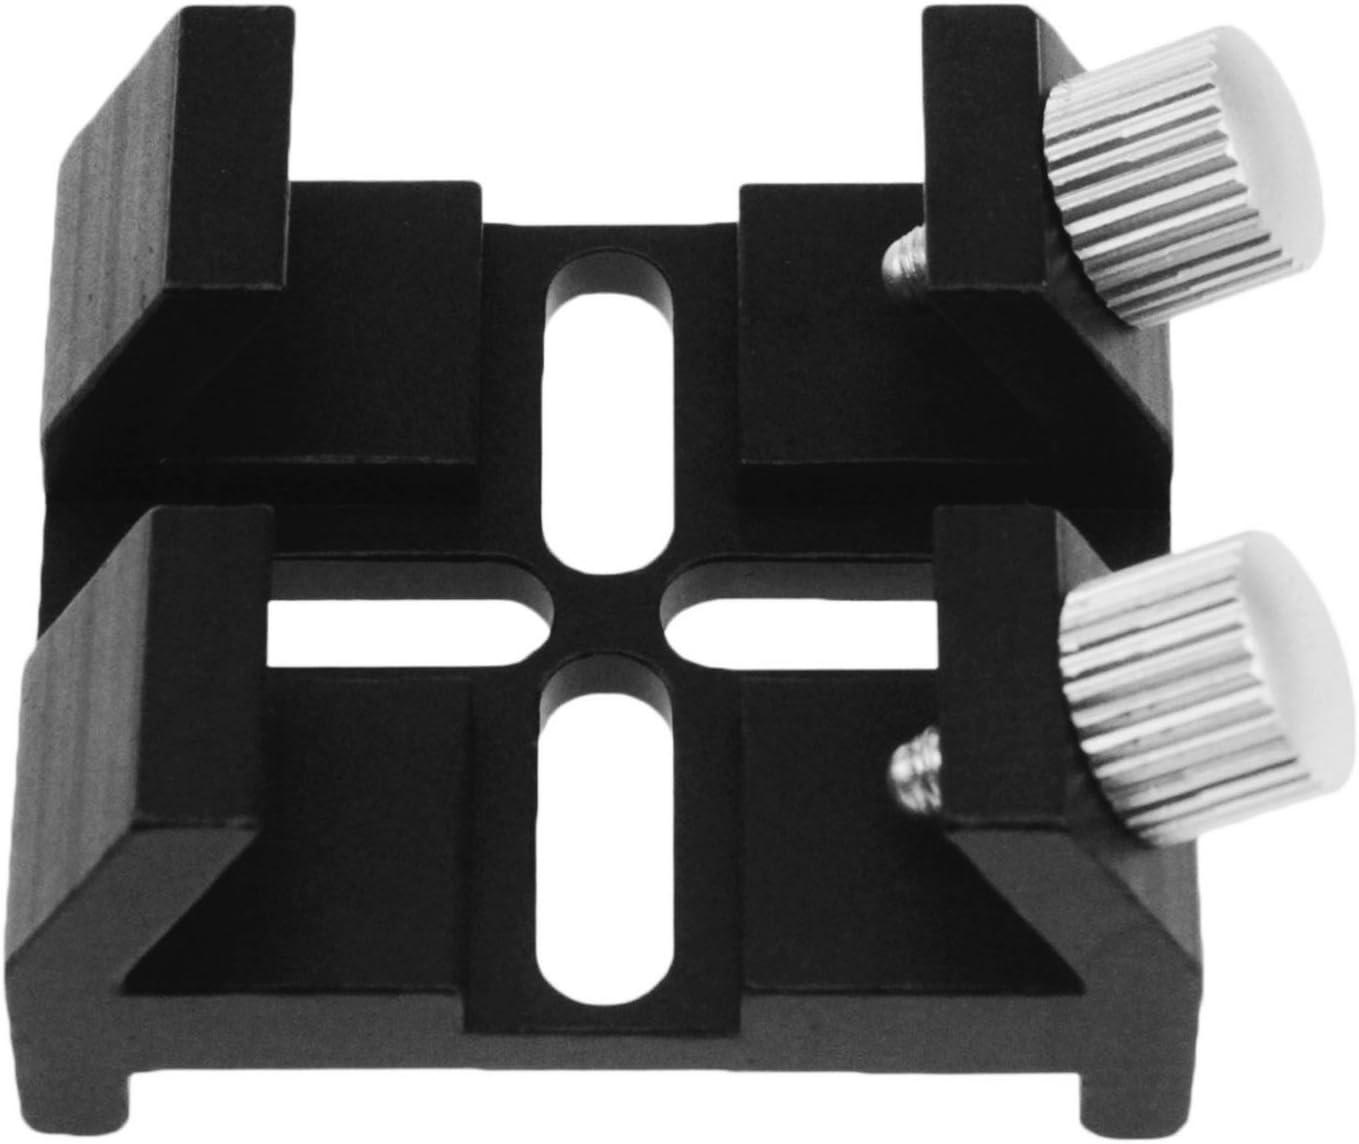 Alstar Universal Dovetail Base for Finder Scope - Ideal for Installation of Finder Scope, Green Laser Pointer Bracket.